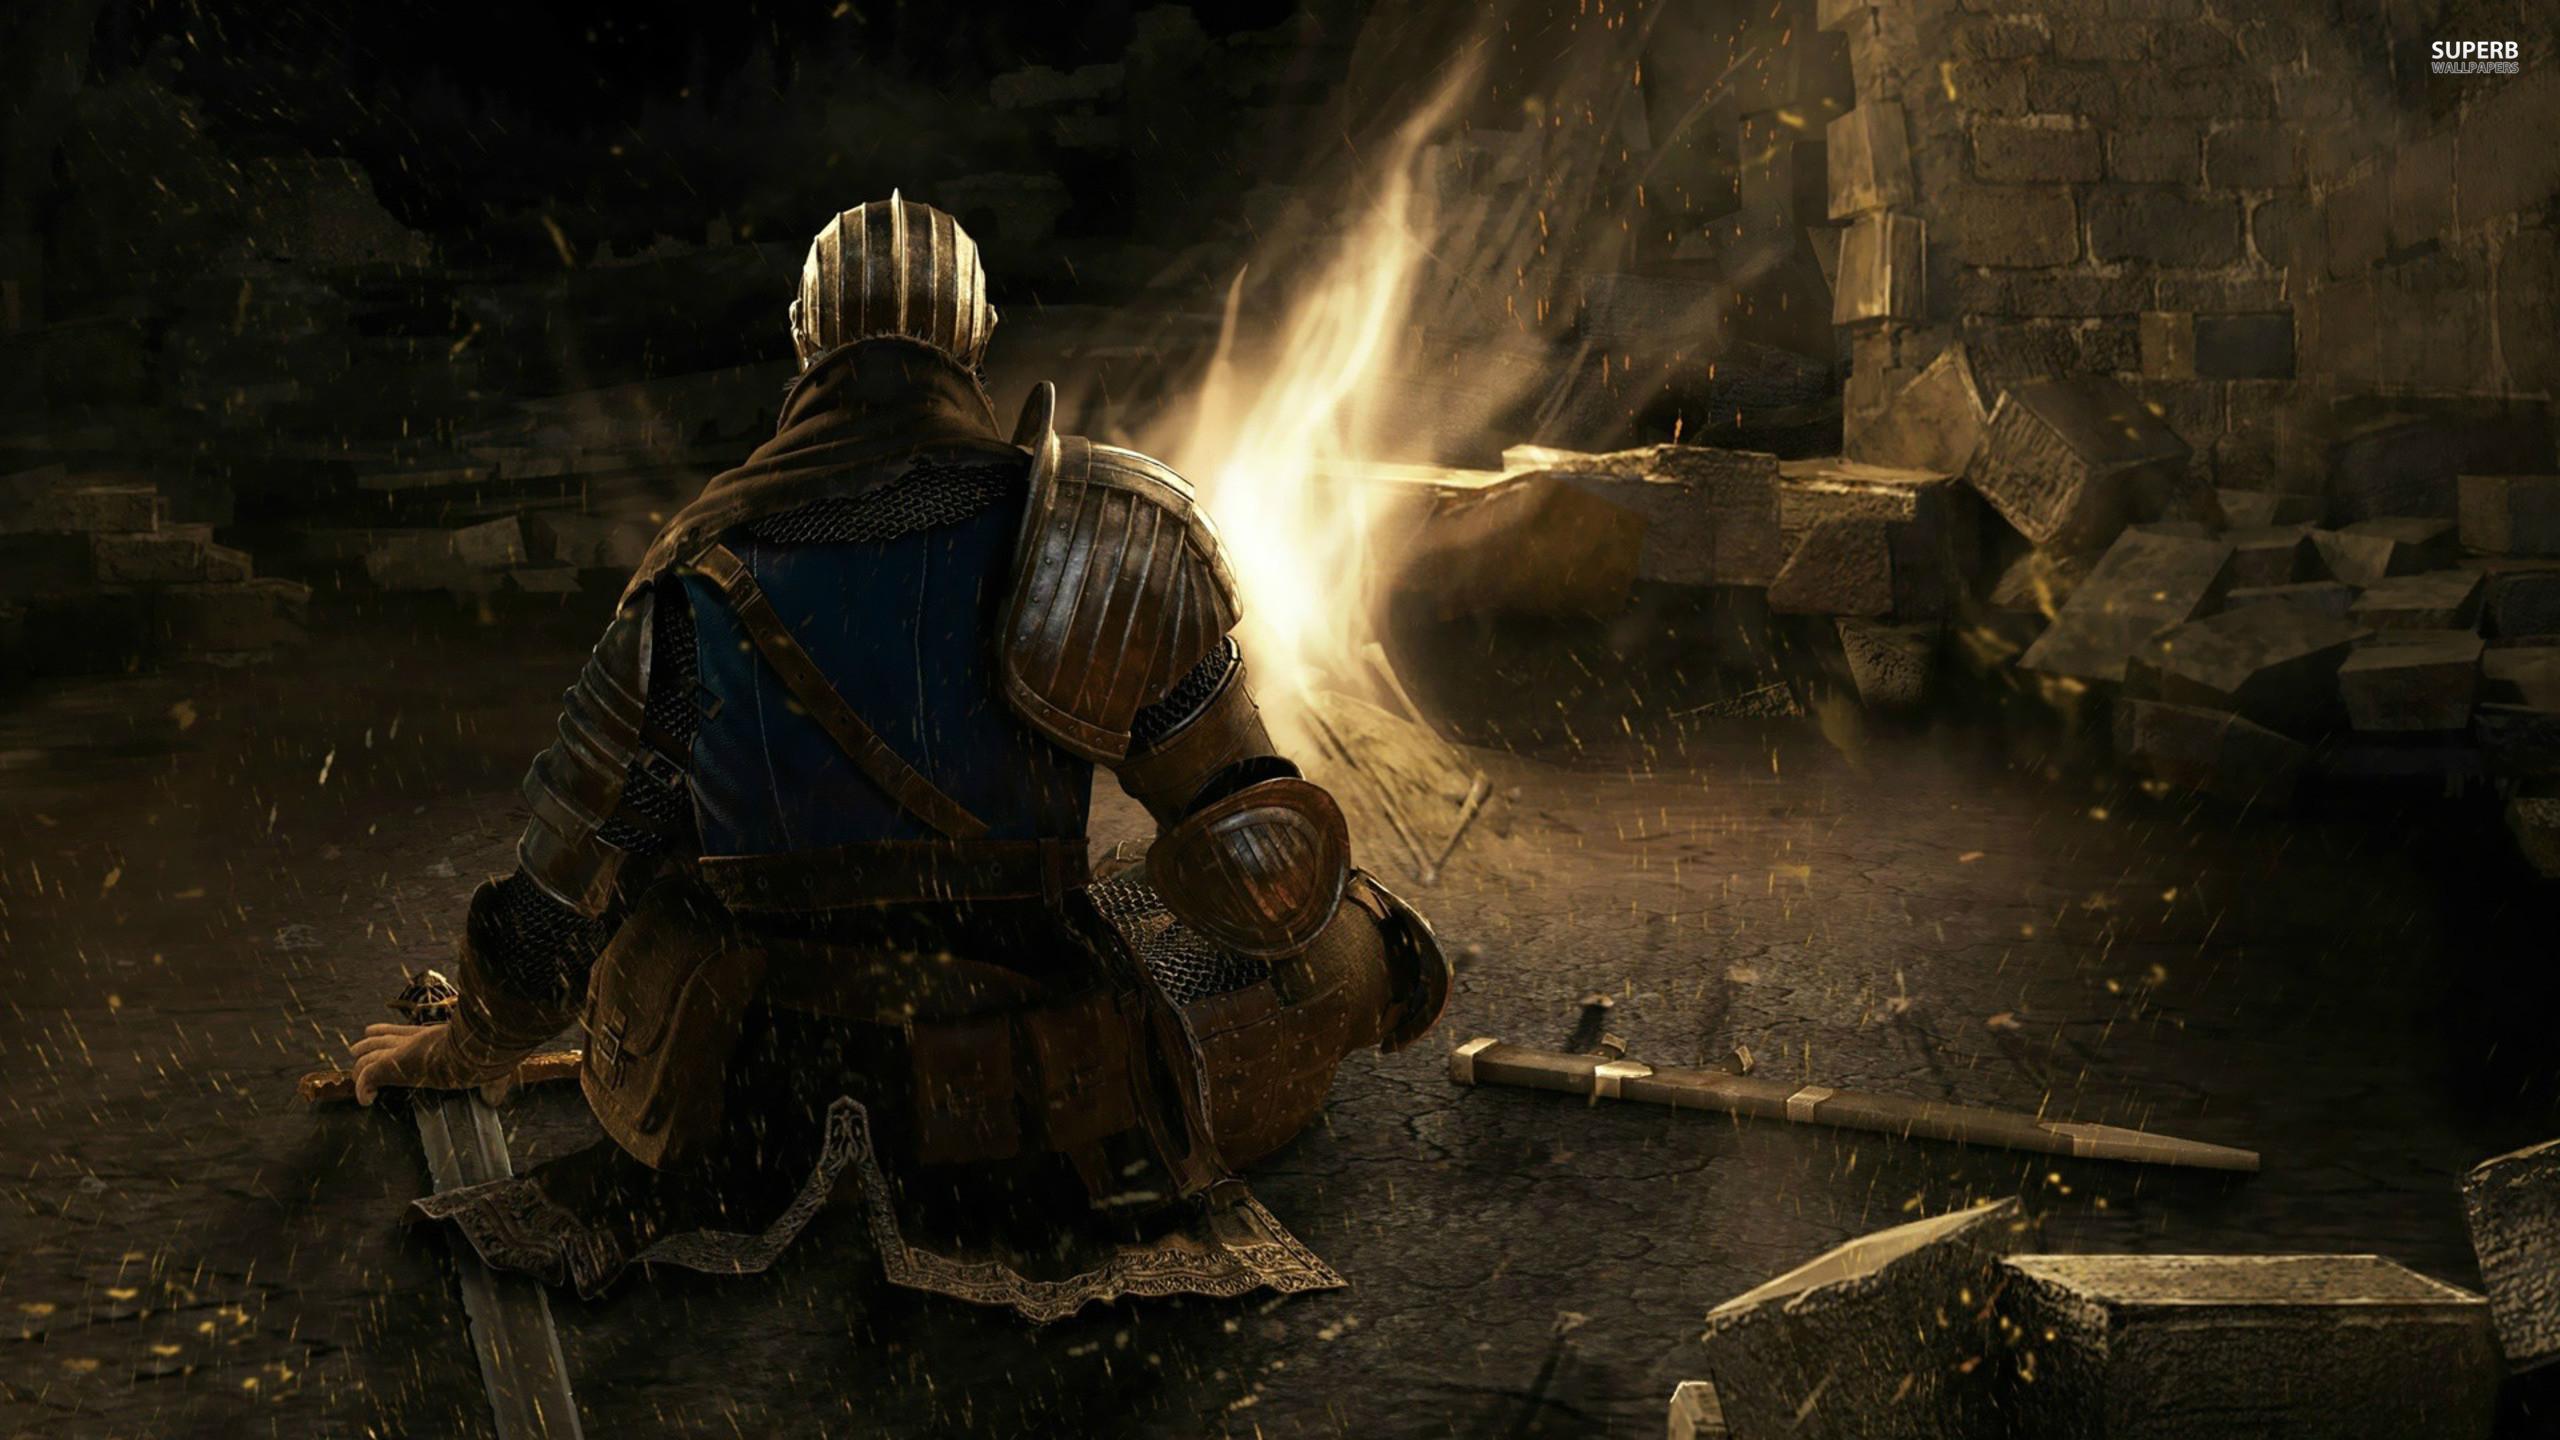 Dark Souls 1080p Wallpaper (79+ images)